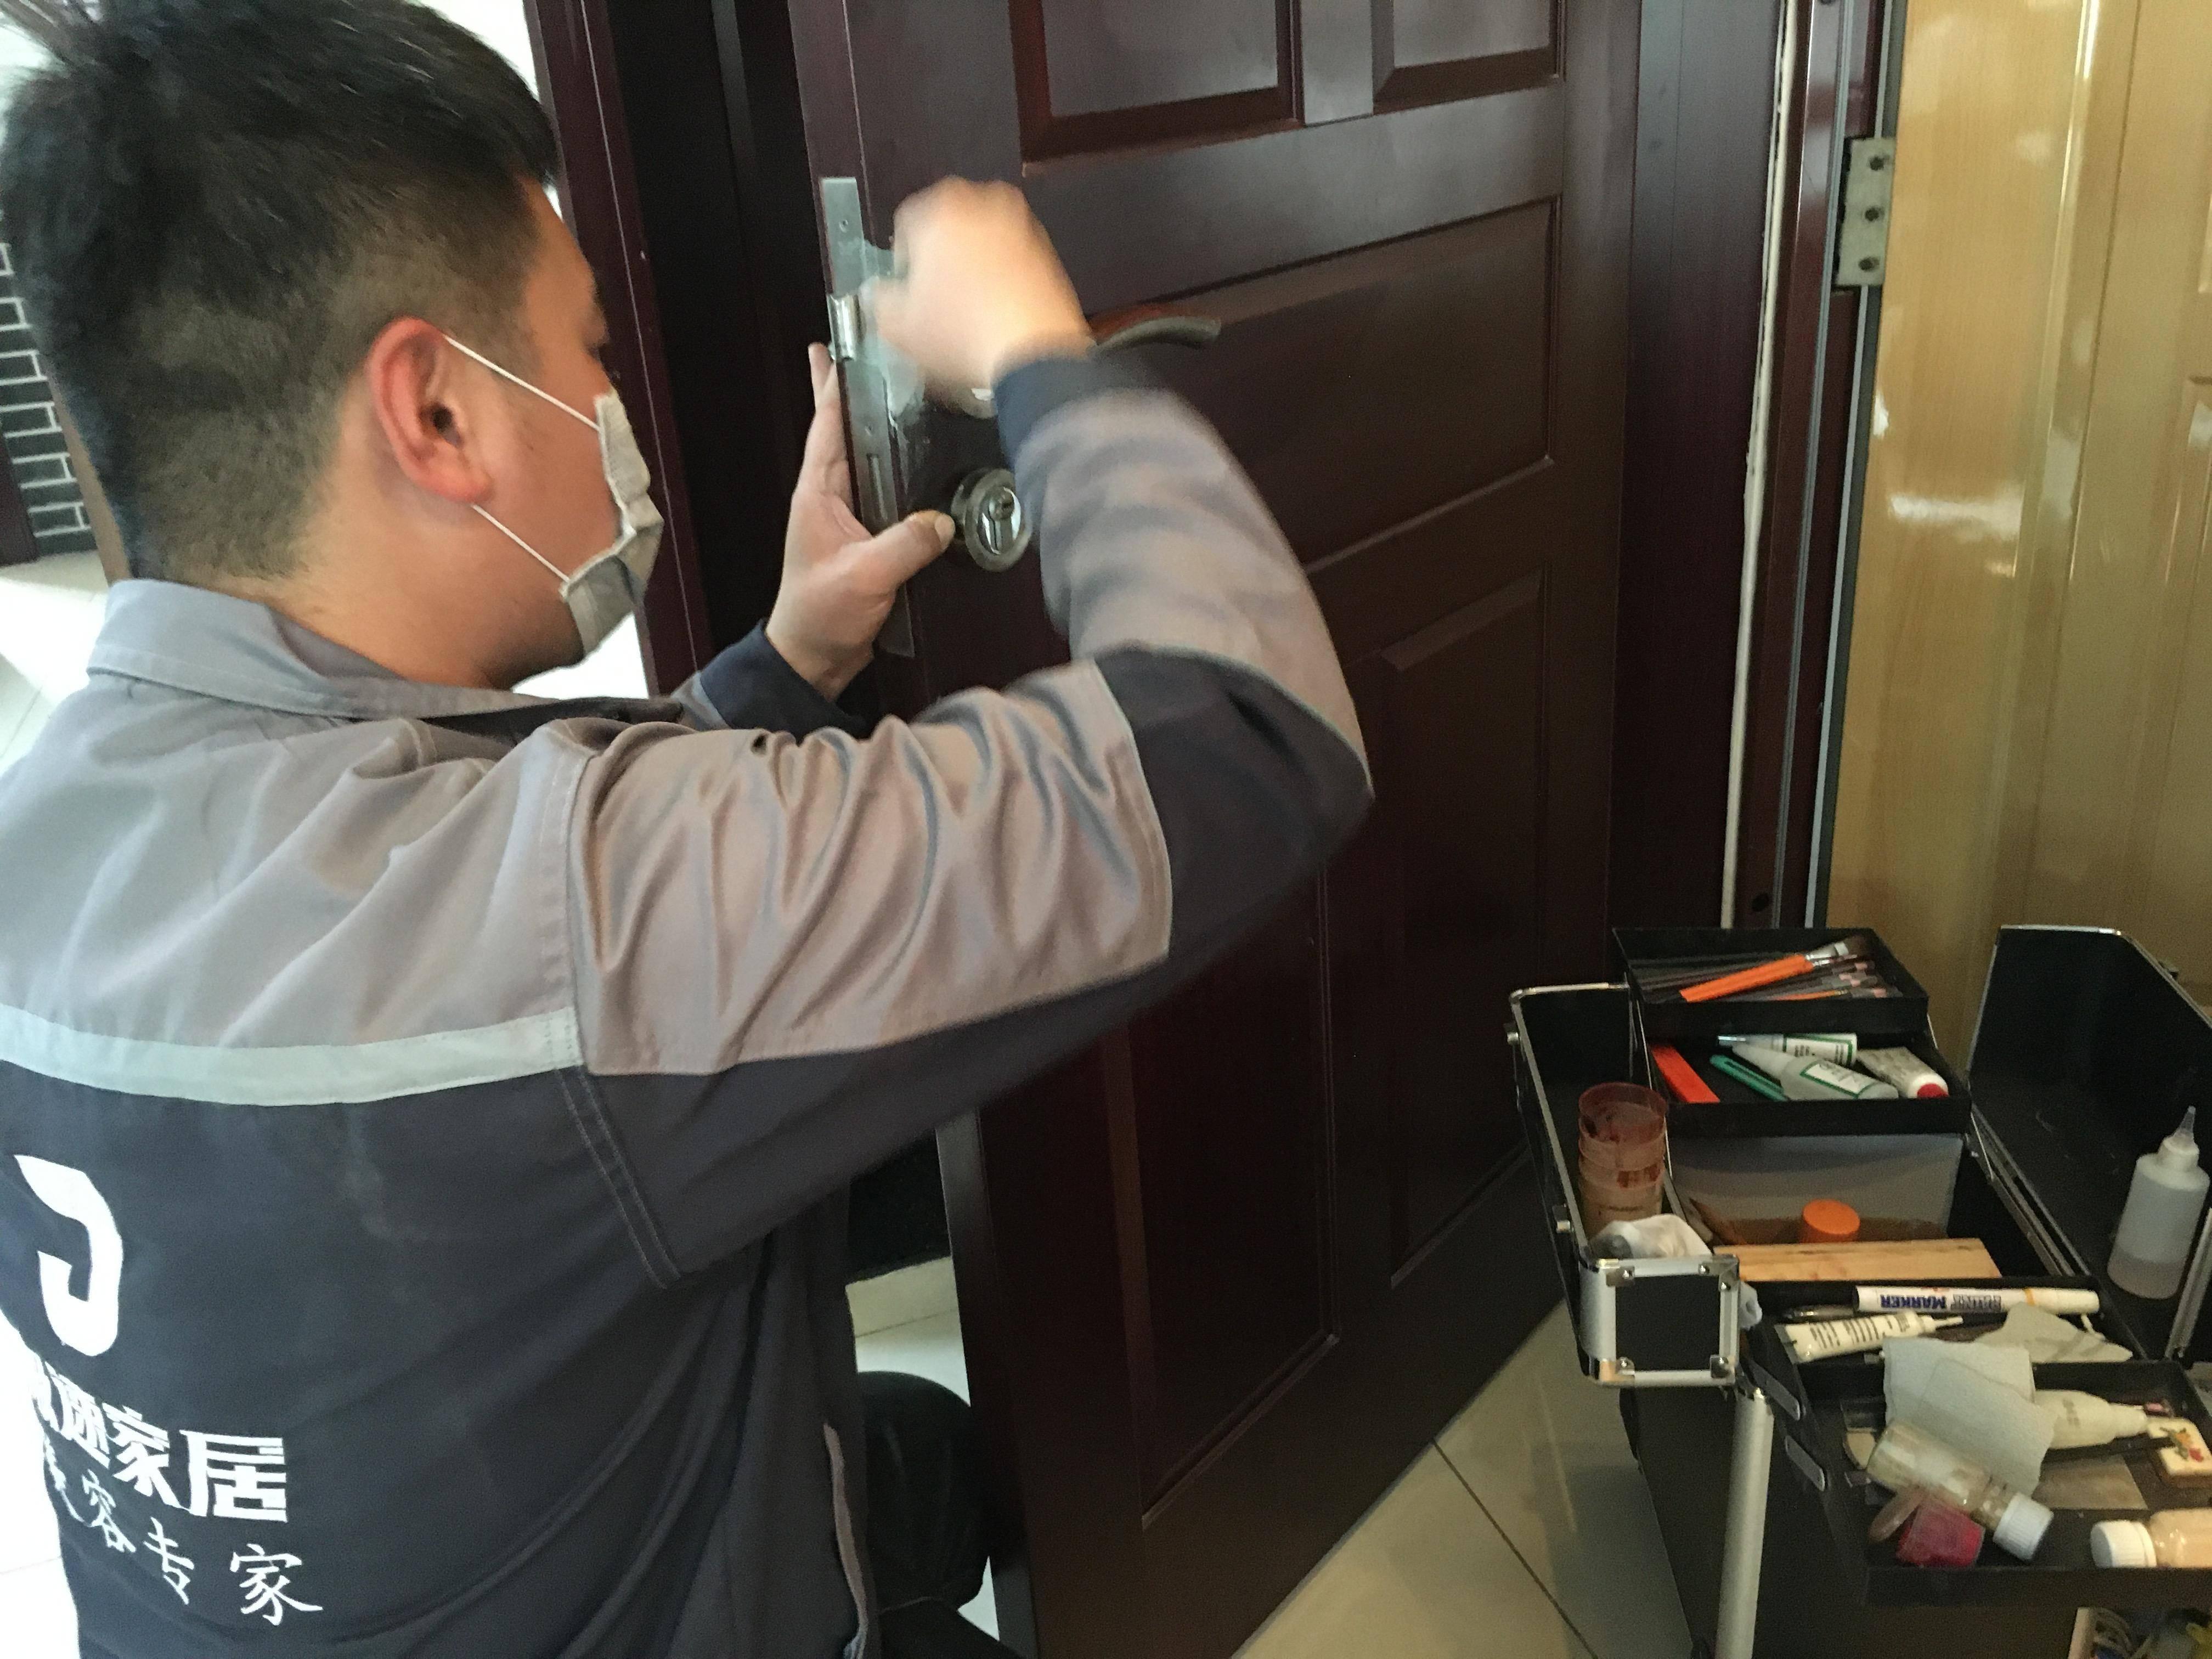 聚焦烟台新职业|家具美容师悄然入港城,年收入可达20多万元